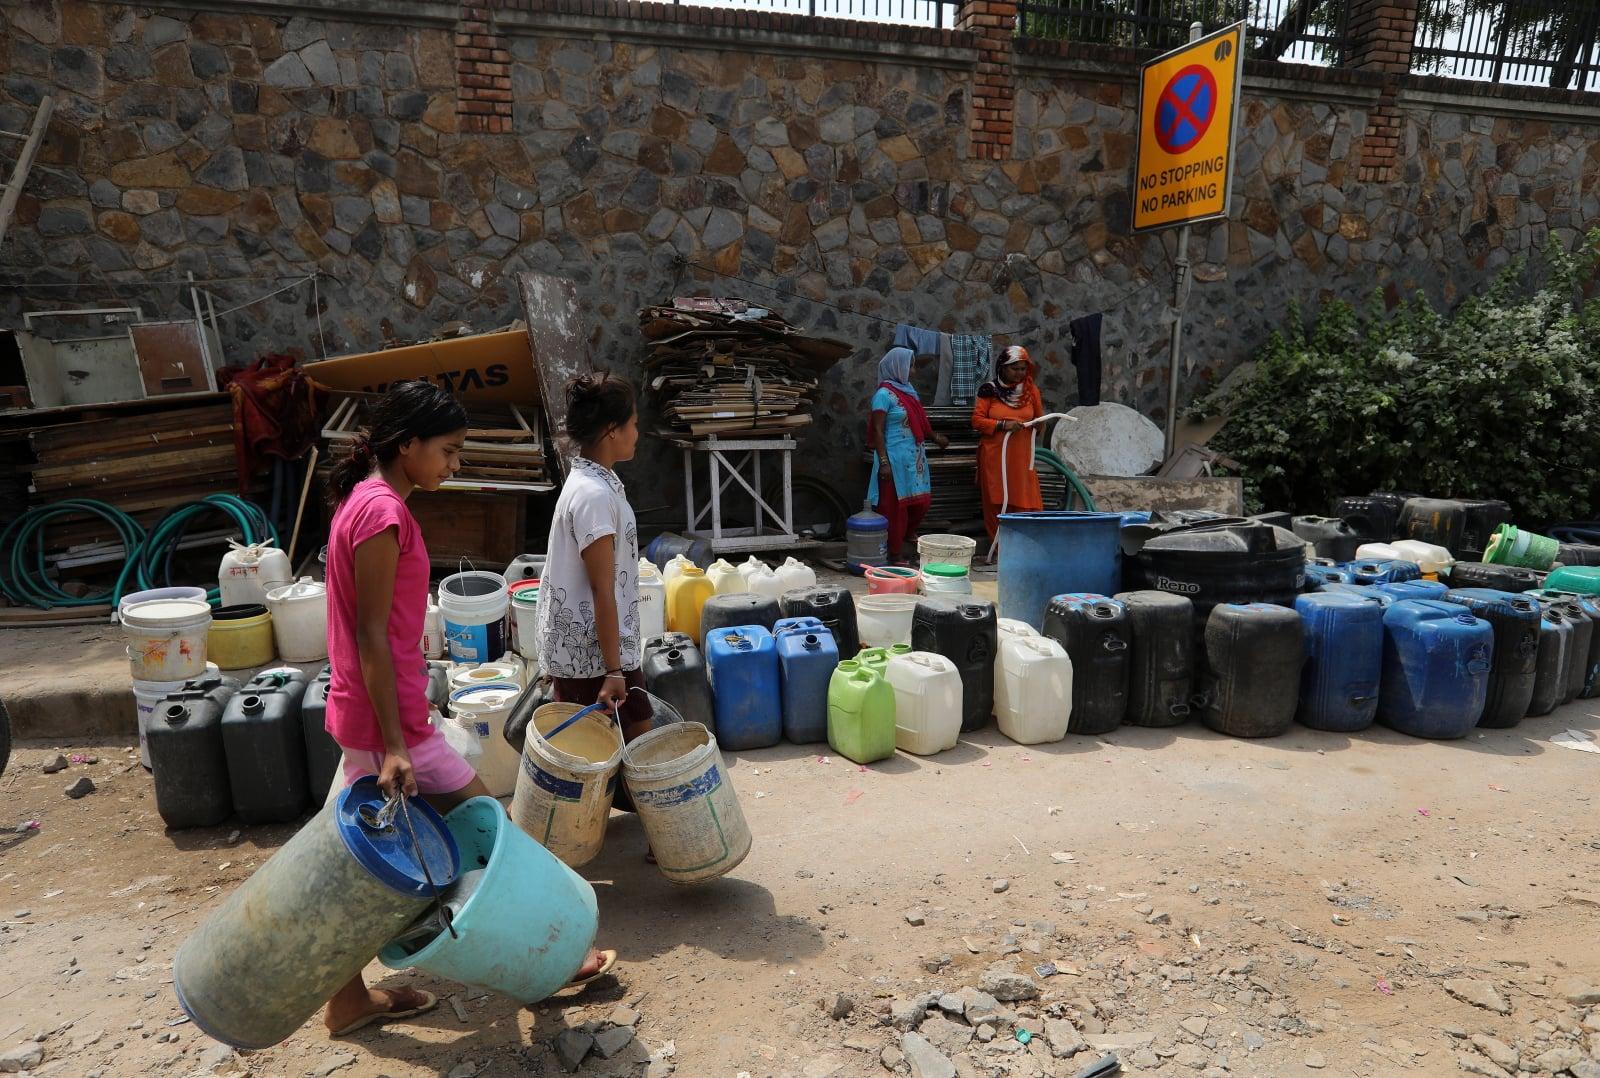 Kryzys dostępu do wody w Indiach fot. EPA/RAJAT GUPTA